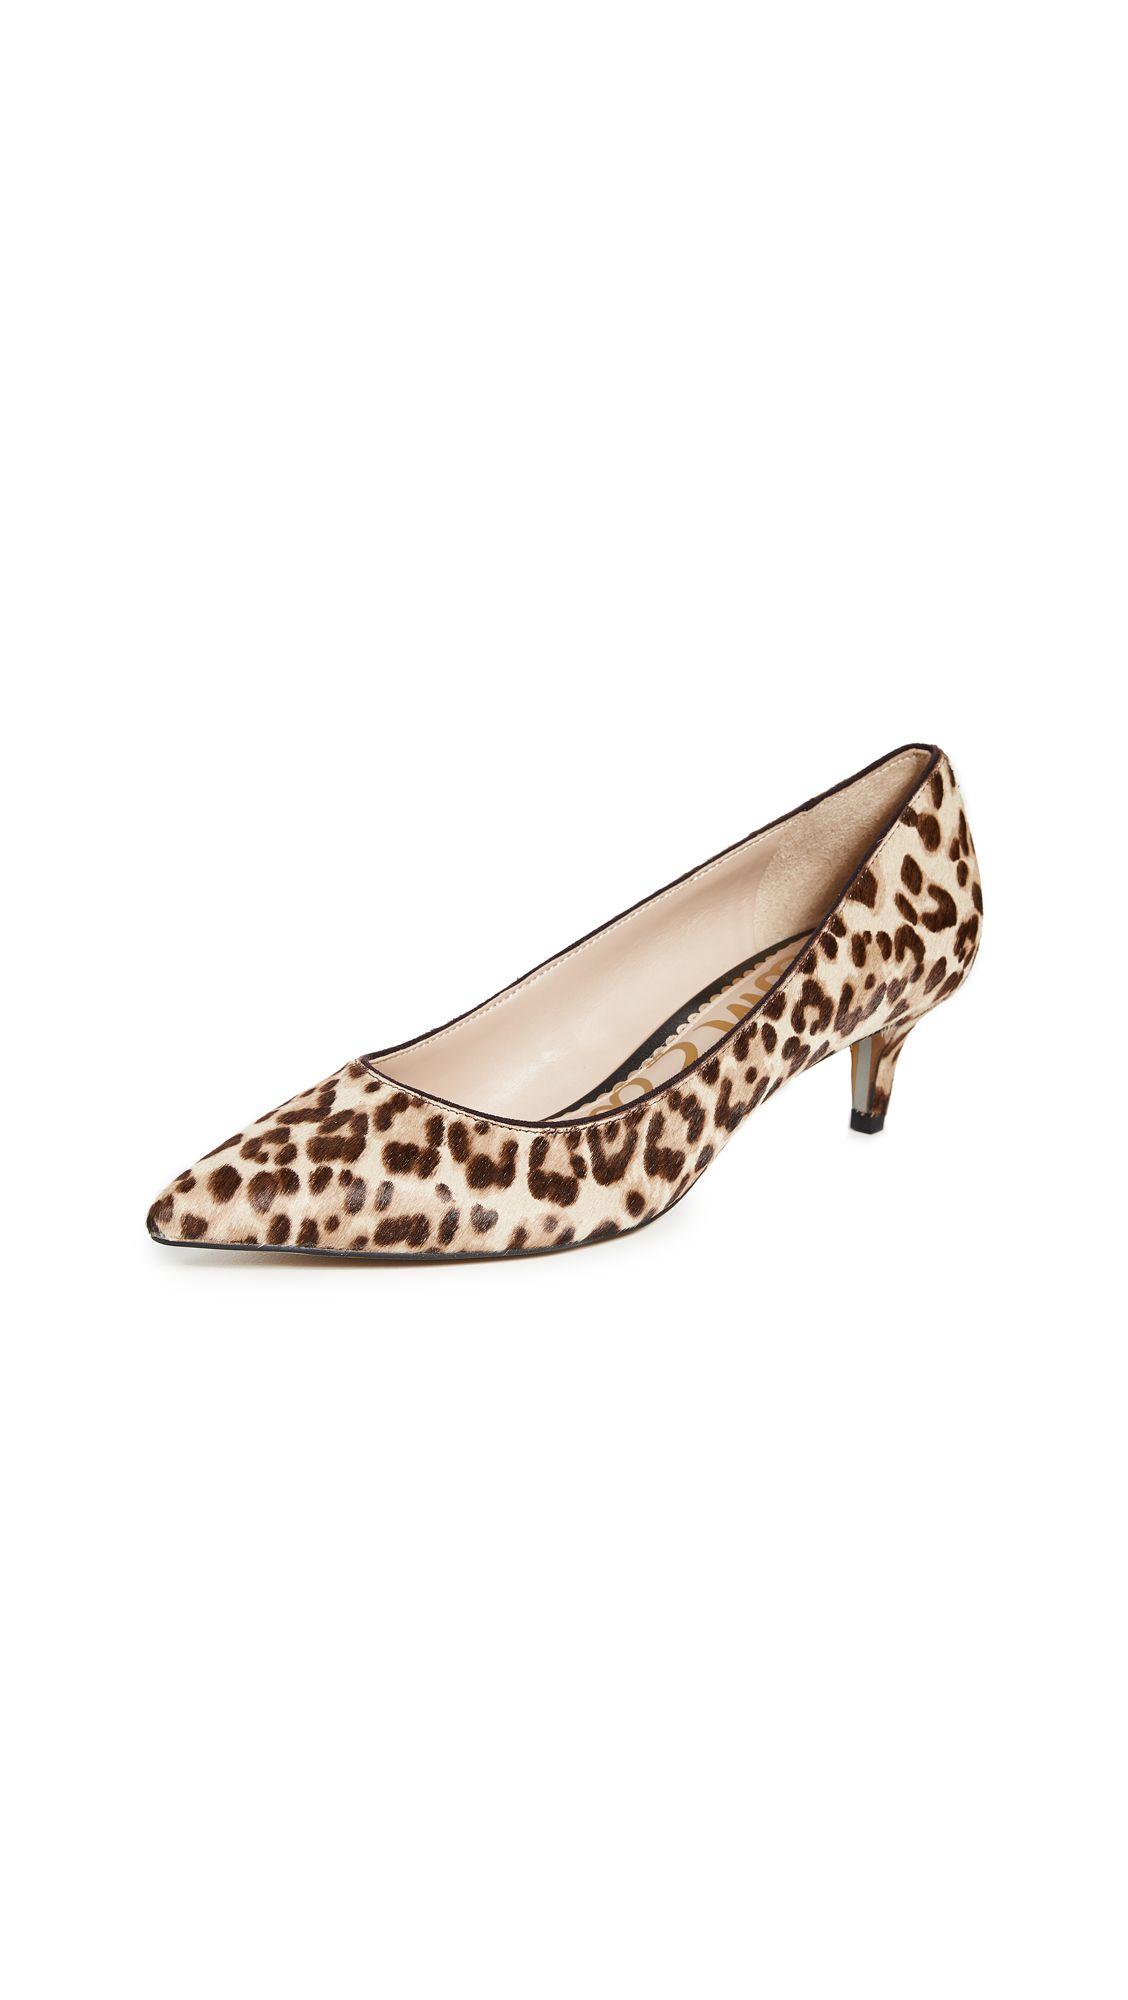 Sam Edelman Dori Leopard Print Calf Hair Kitten Heel Pumps In Sand Leopard Modesens Kitten Heel Pumps Sam Edelman Kitten Heels